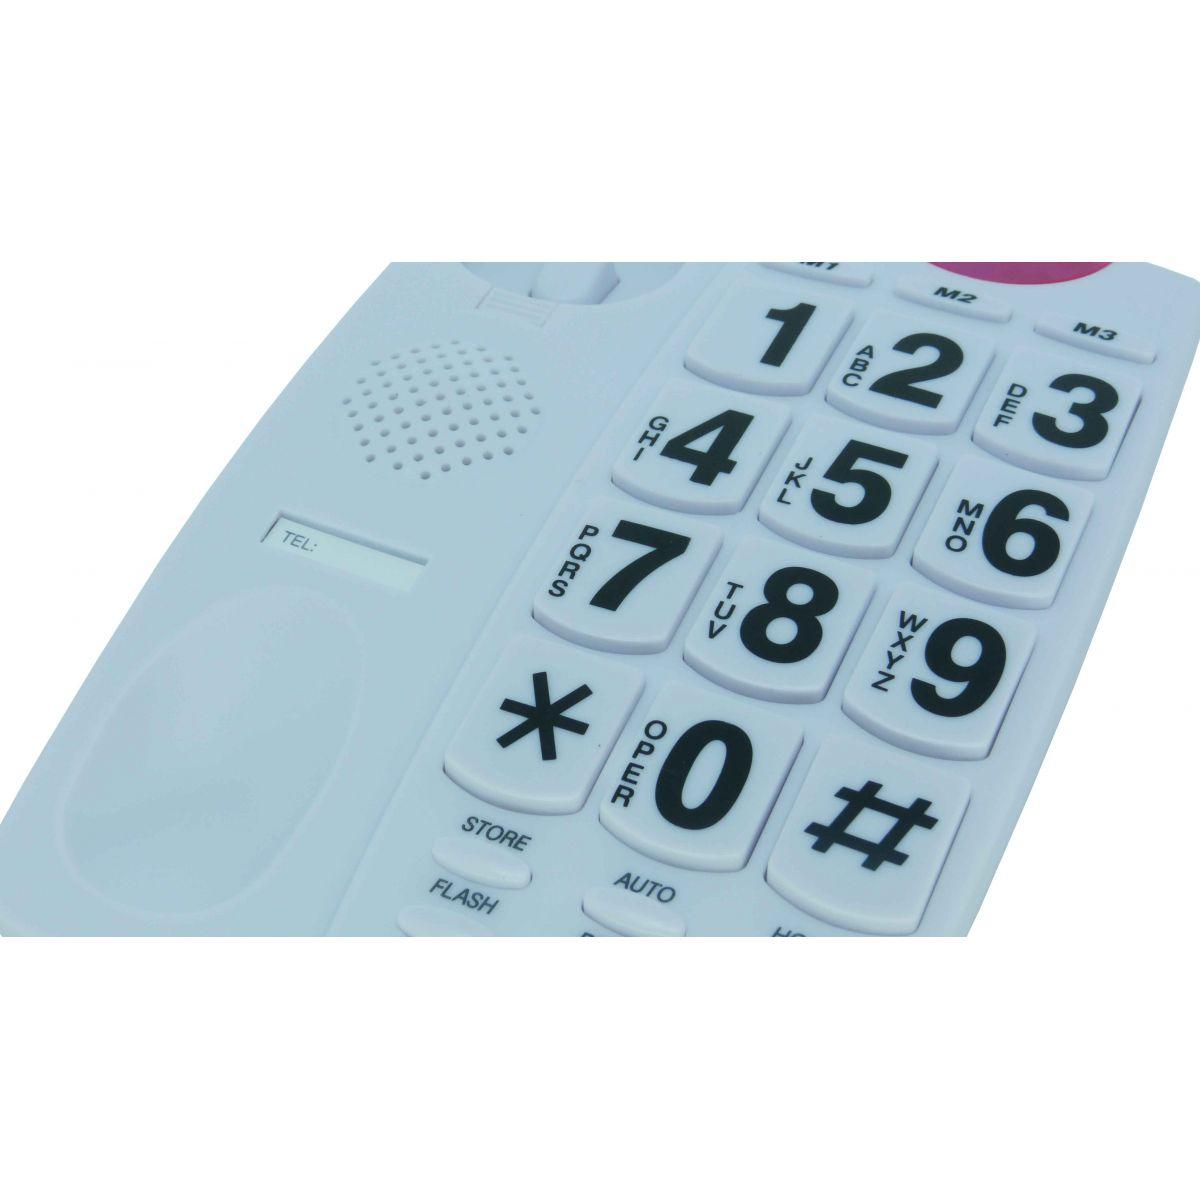 Telefone com Teclas Gigantes e Luz Piscante de Toque